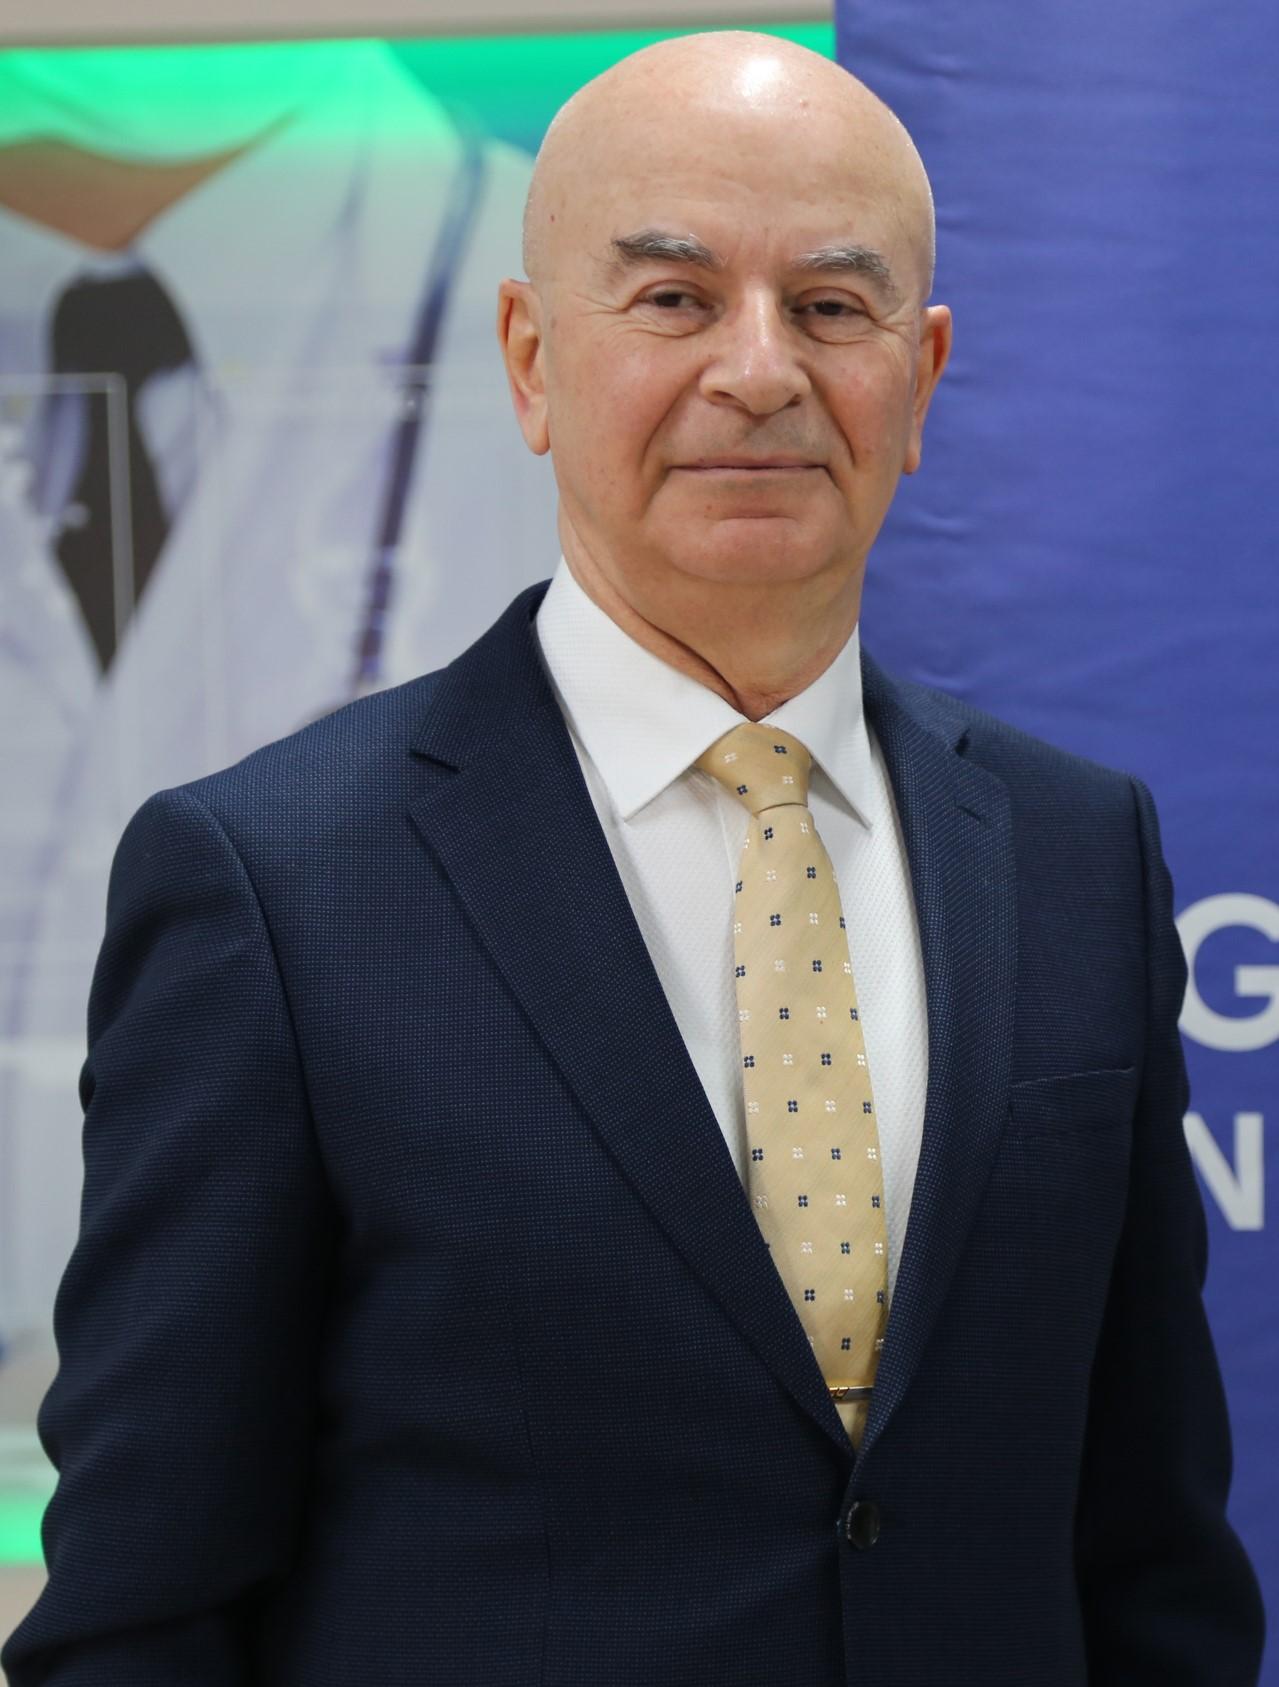 Dr.Öğr.Üyesi ABDULLAH YÜKSEL BARUT - İstanbul Gelişim Üniversitesi